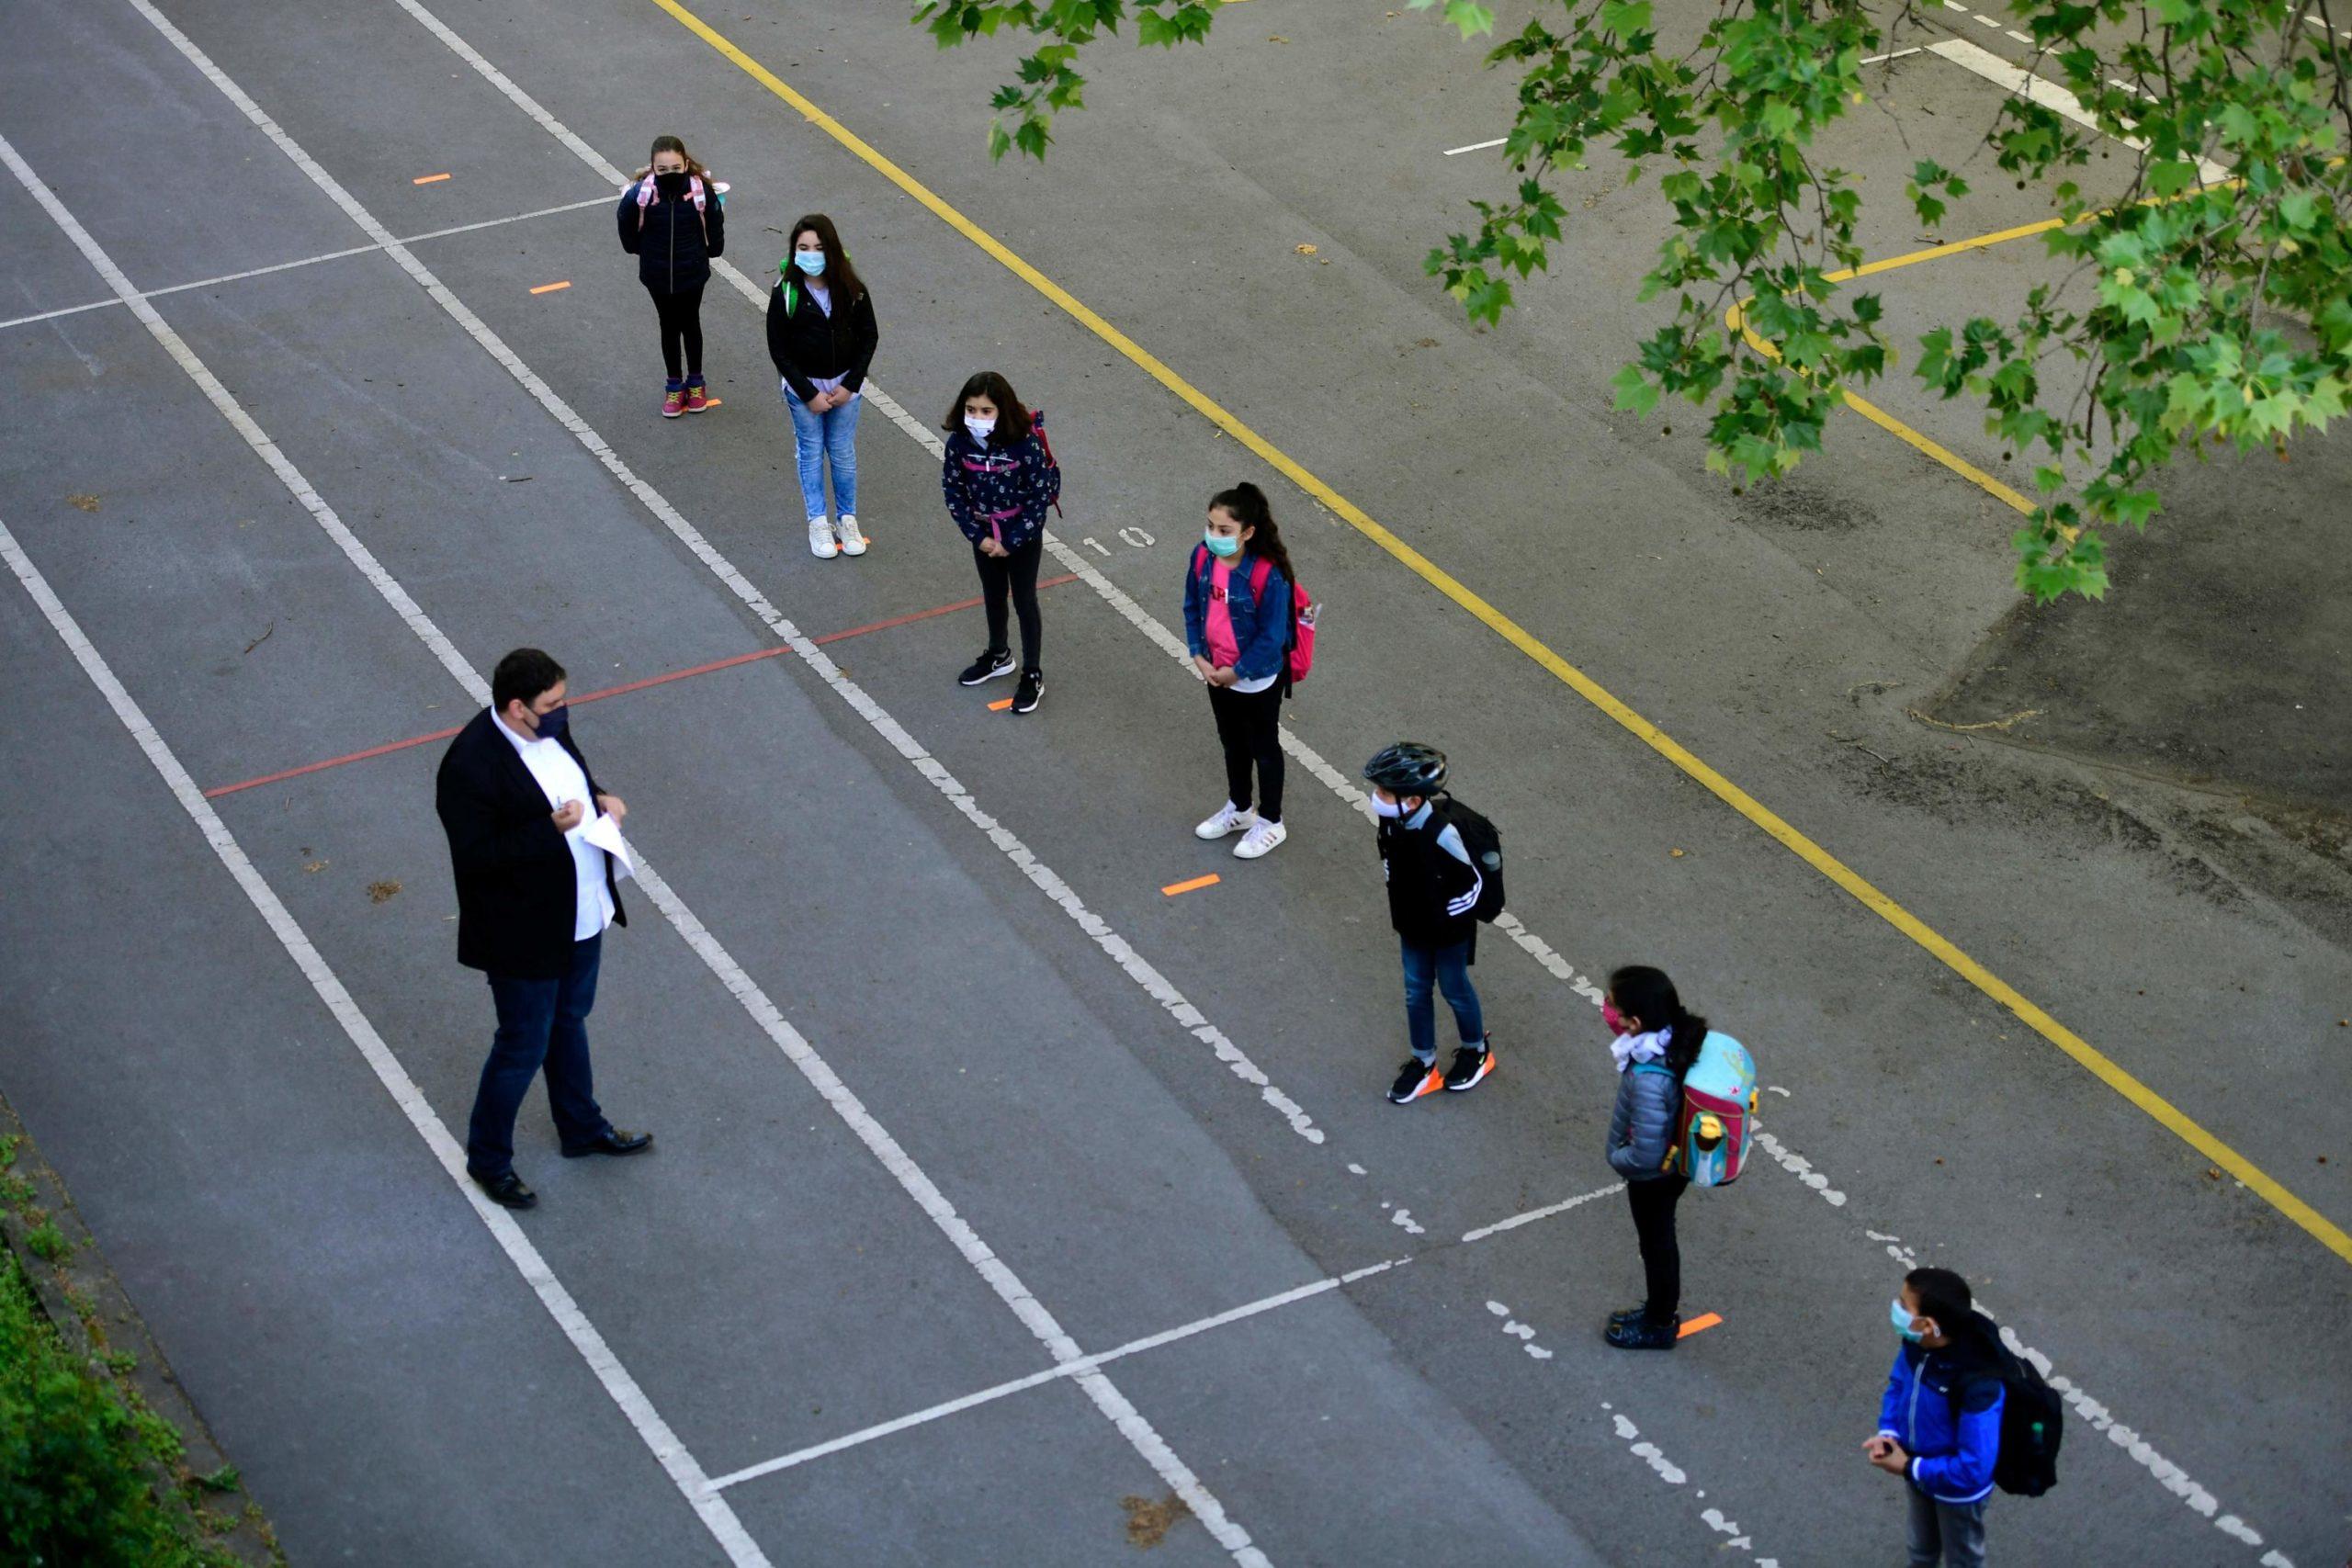 Il preside della scuola Petri, Juan Carlos Boeck, controlla che gli alunni si attengano al distanziamento previsto e dà istruzioni su come comportarsi